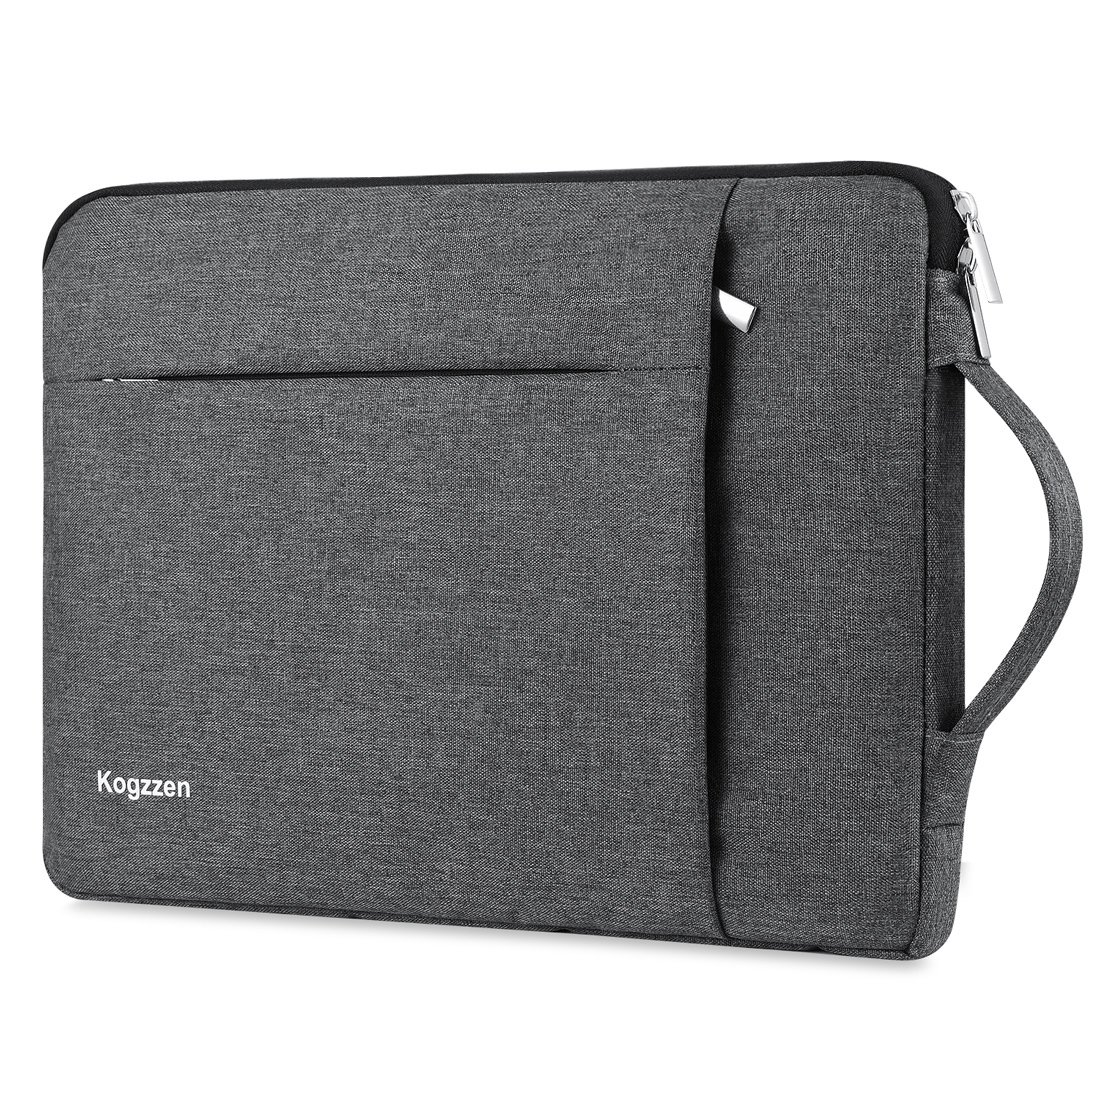 Kogzzen Waterproof Shockproof Compatible Chromebook